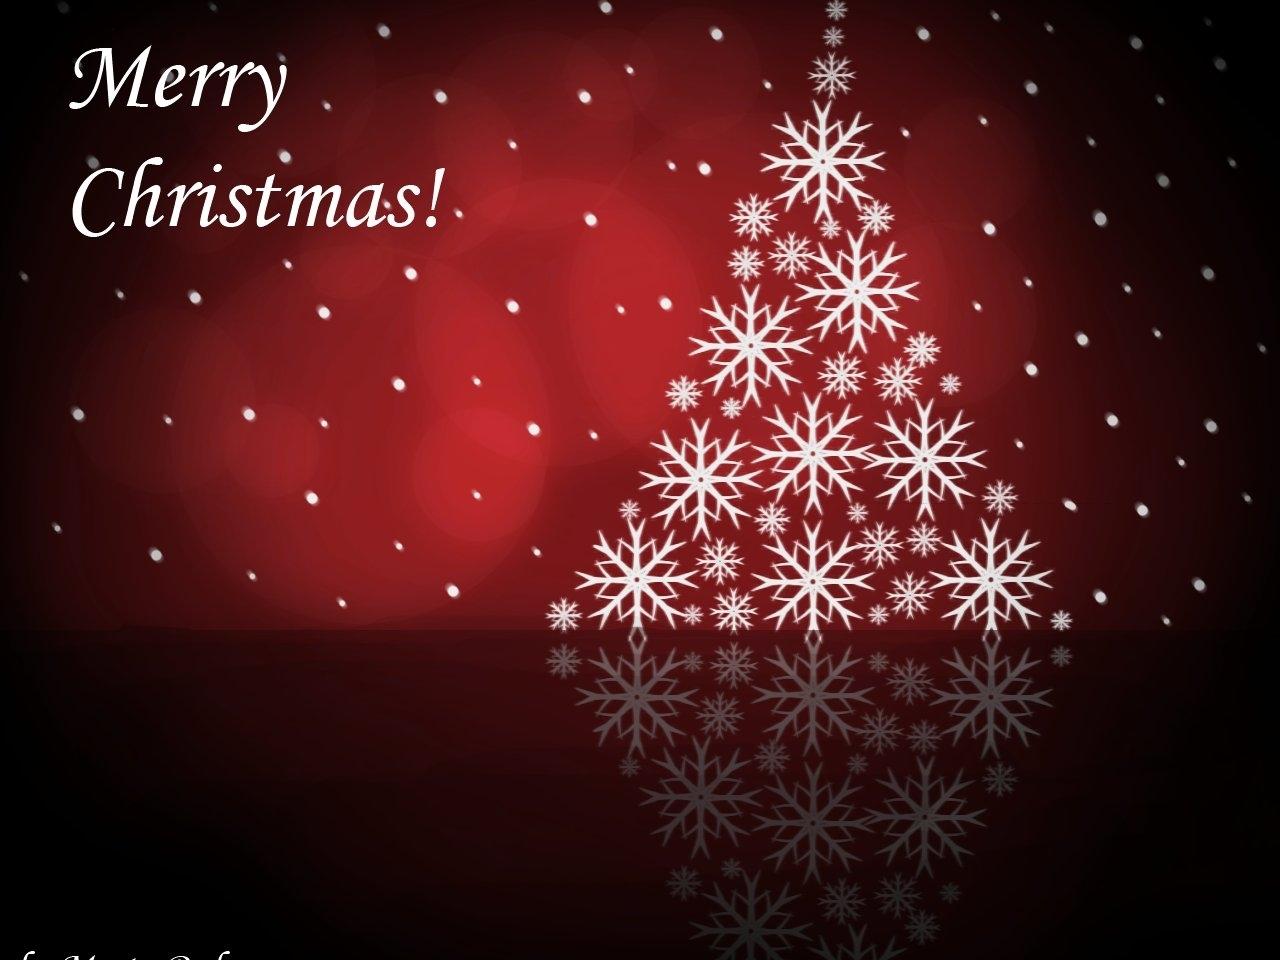 Скачать картинку Новый Год (New Year), Рождество (Christmas, Xmas), Праздники, Фон в телефон бесплатно.